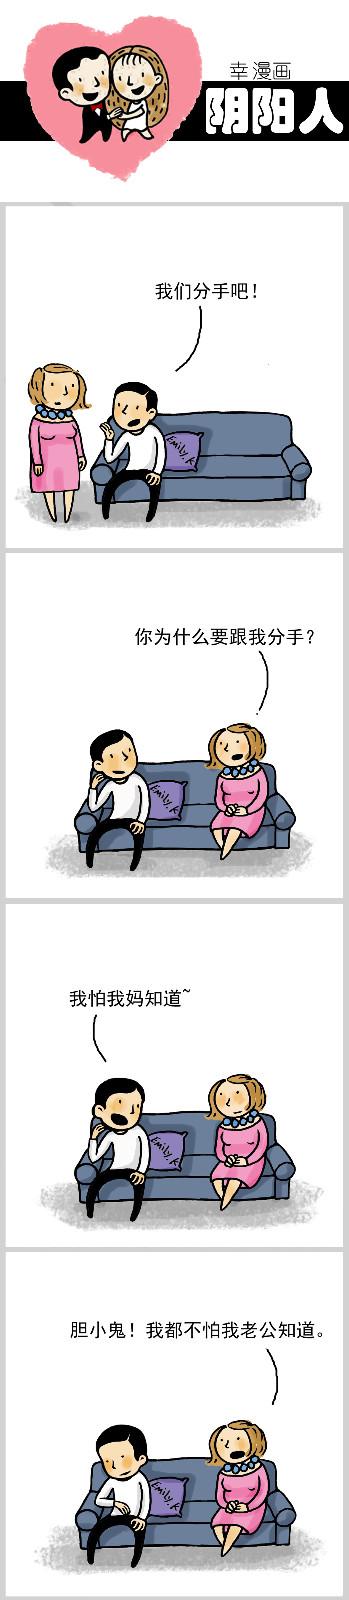 【邝幸漫畫】《阴阳人》胆小鬼_图1-1